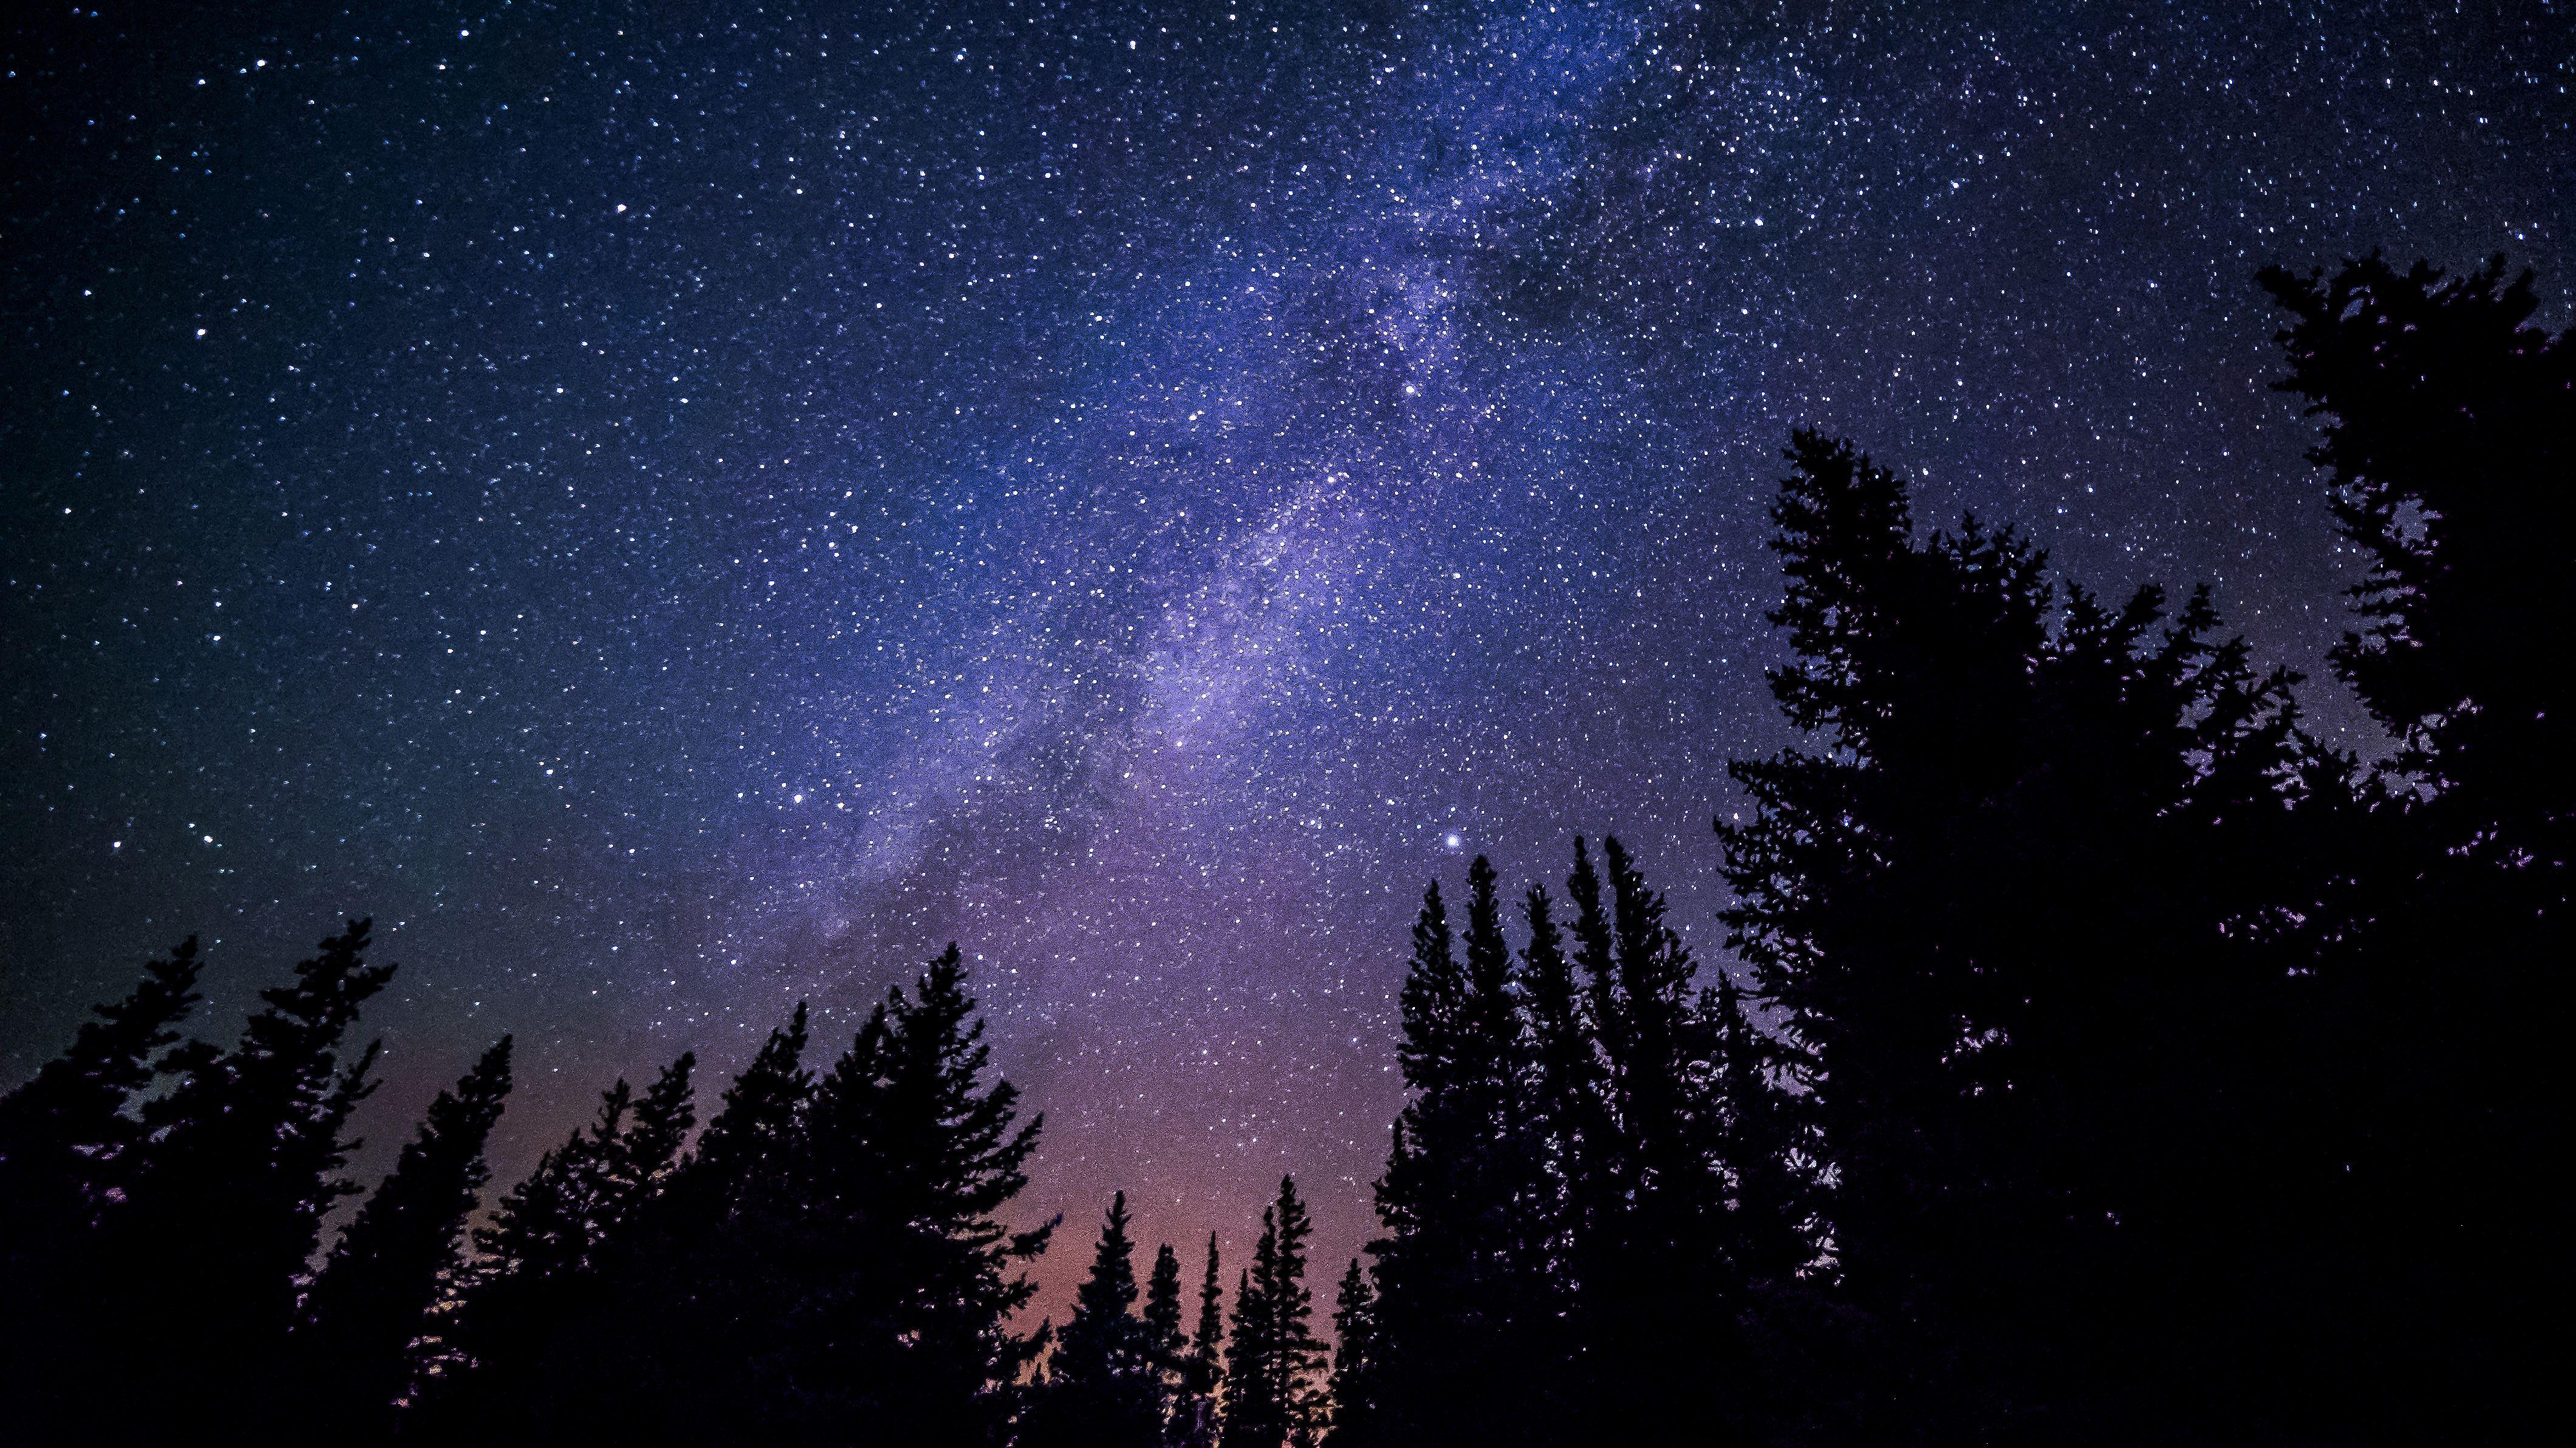 Pin De Martin Giorgi En Lugares Que Visitar En 2020 Fotografia Nocturna Fotografia De Cielos Fotos Del Cielo Nocturno Calm house under night sky shooting star